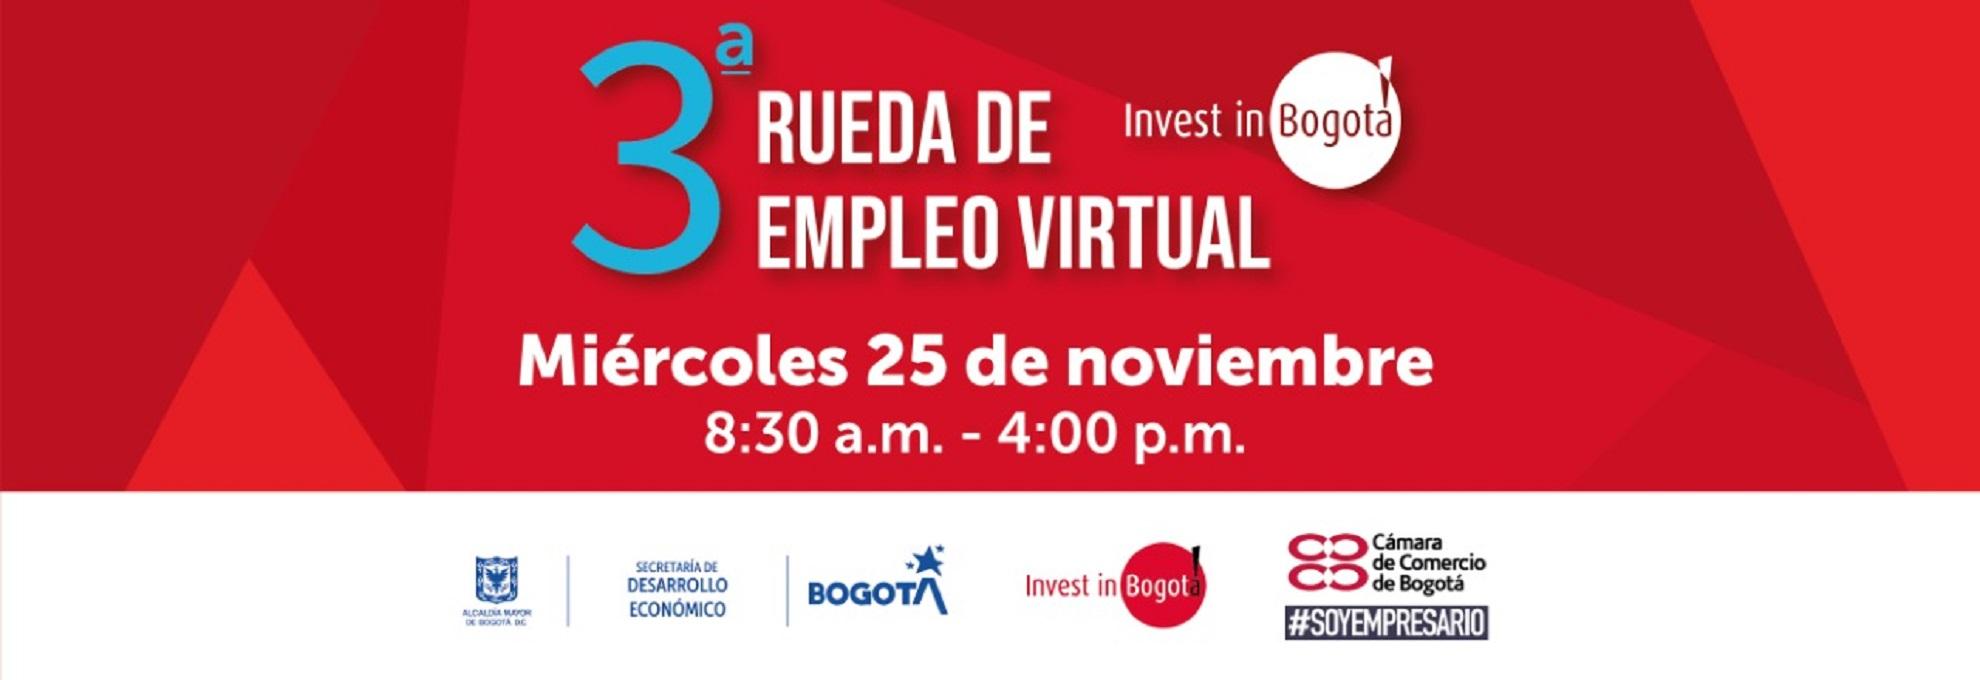 Más de 1.500 vacantes se presentarán en la tercera rueda virtual de empleo para la capital y otras regiones en el país. Foto: cortesía: Invest In Bogotá